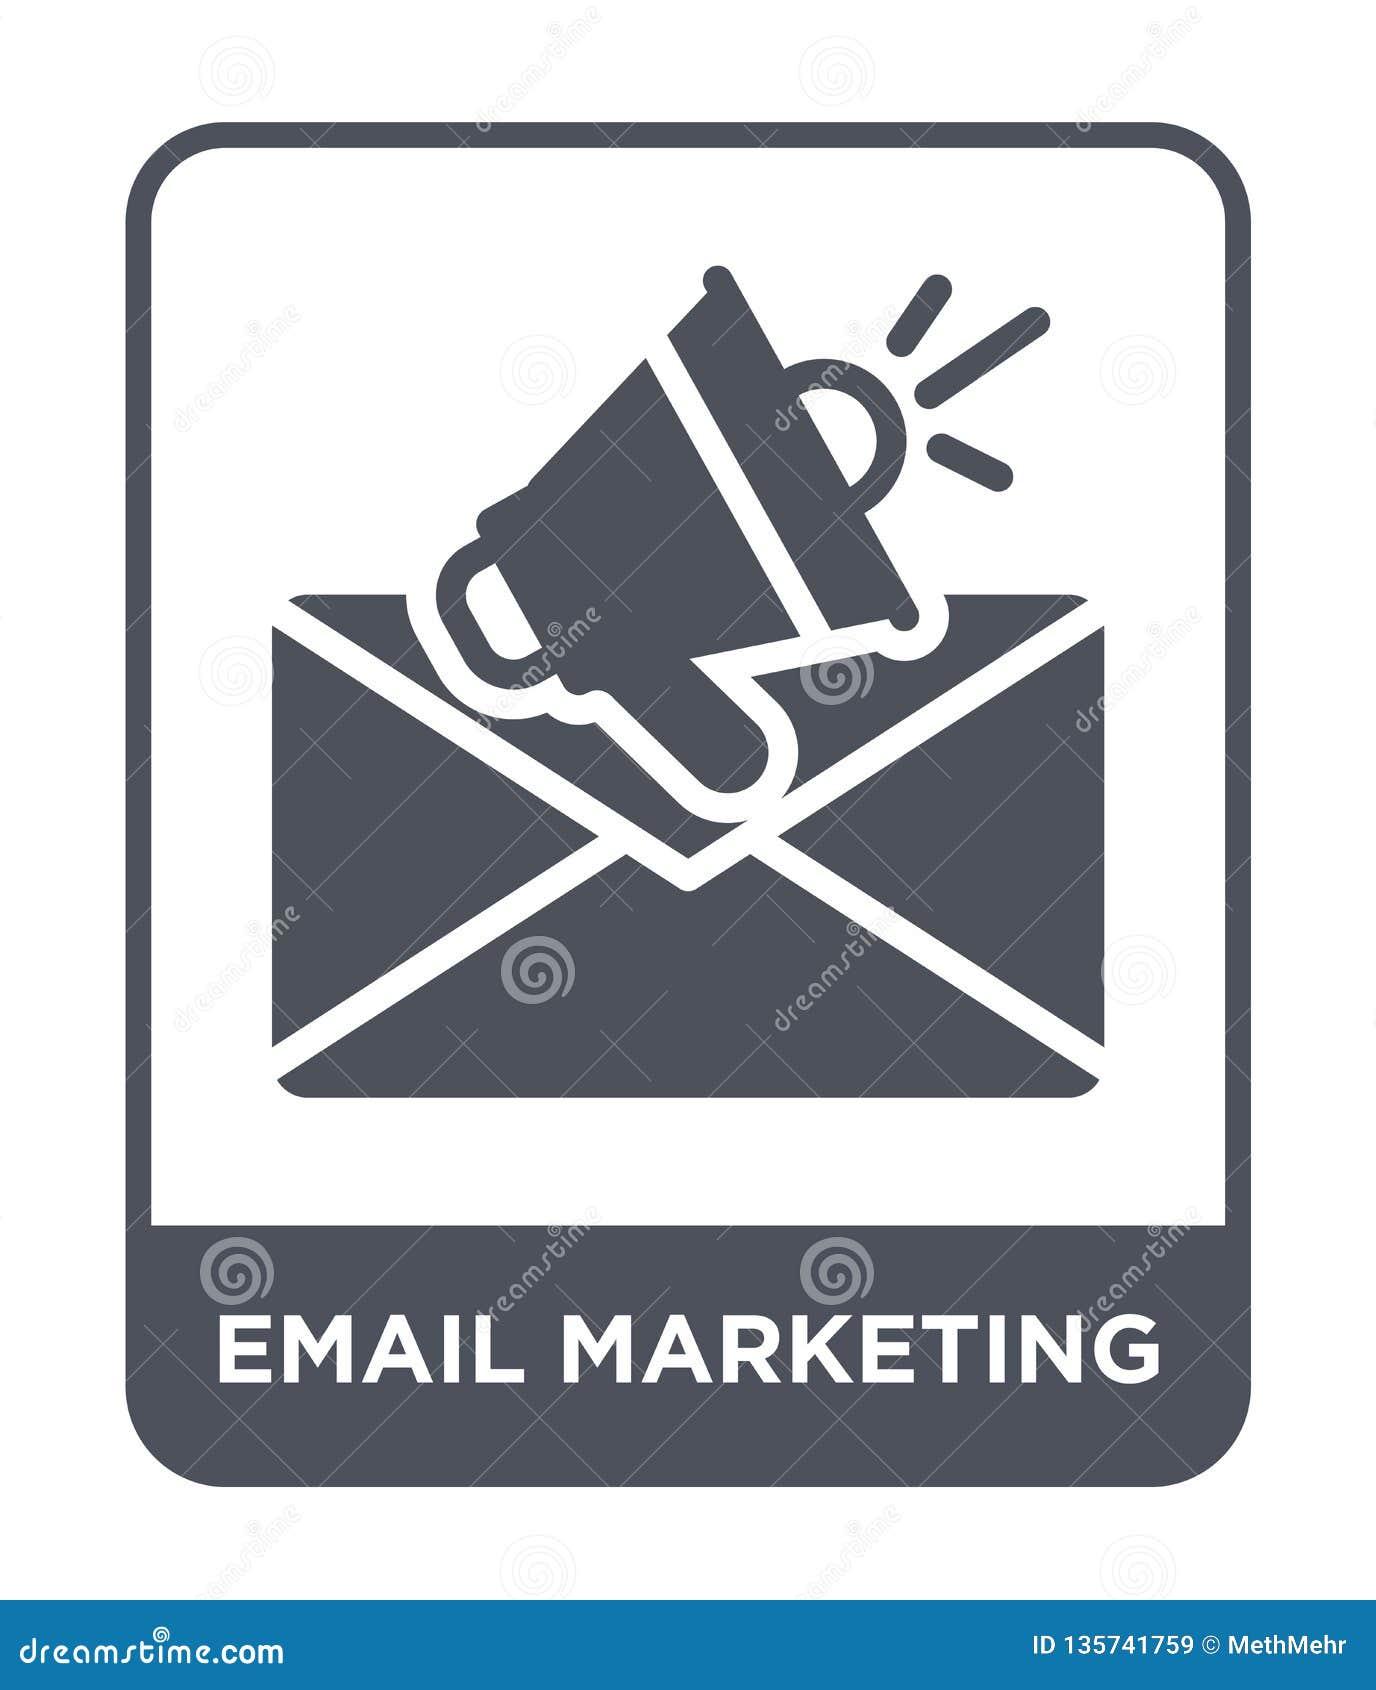 Icono del márketing del correo electrónico en estilo de moda del diseño icono de comercialización del correo electrónico aislado